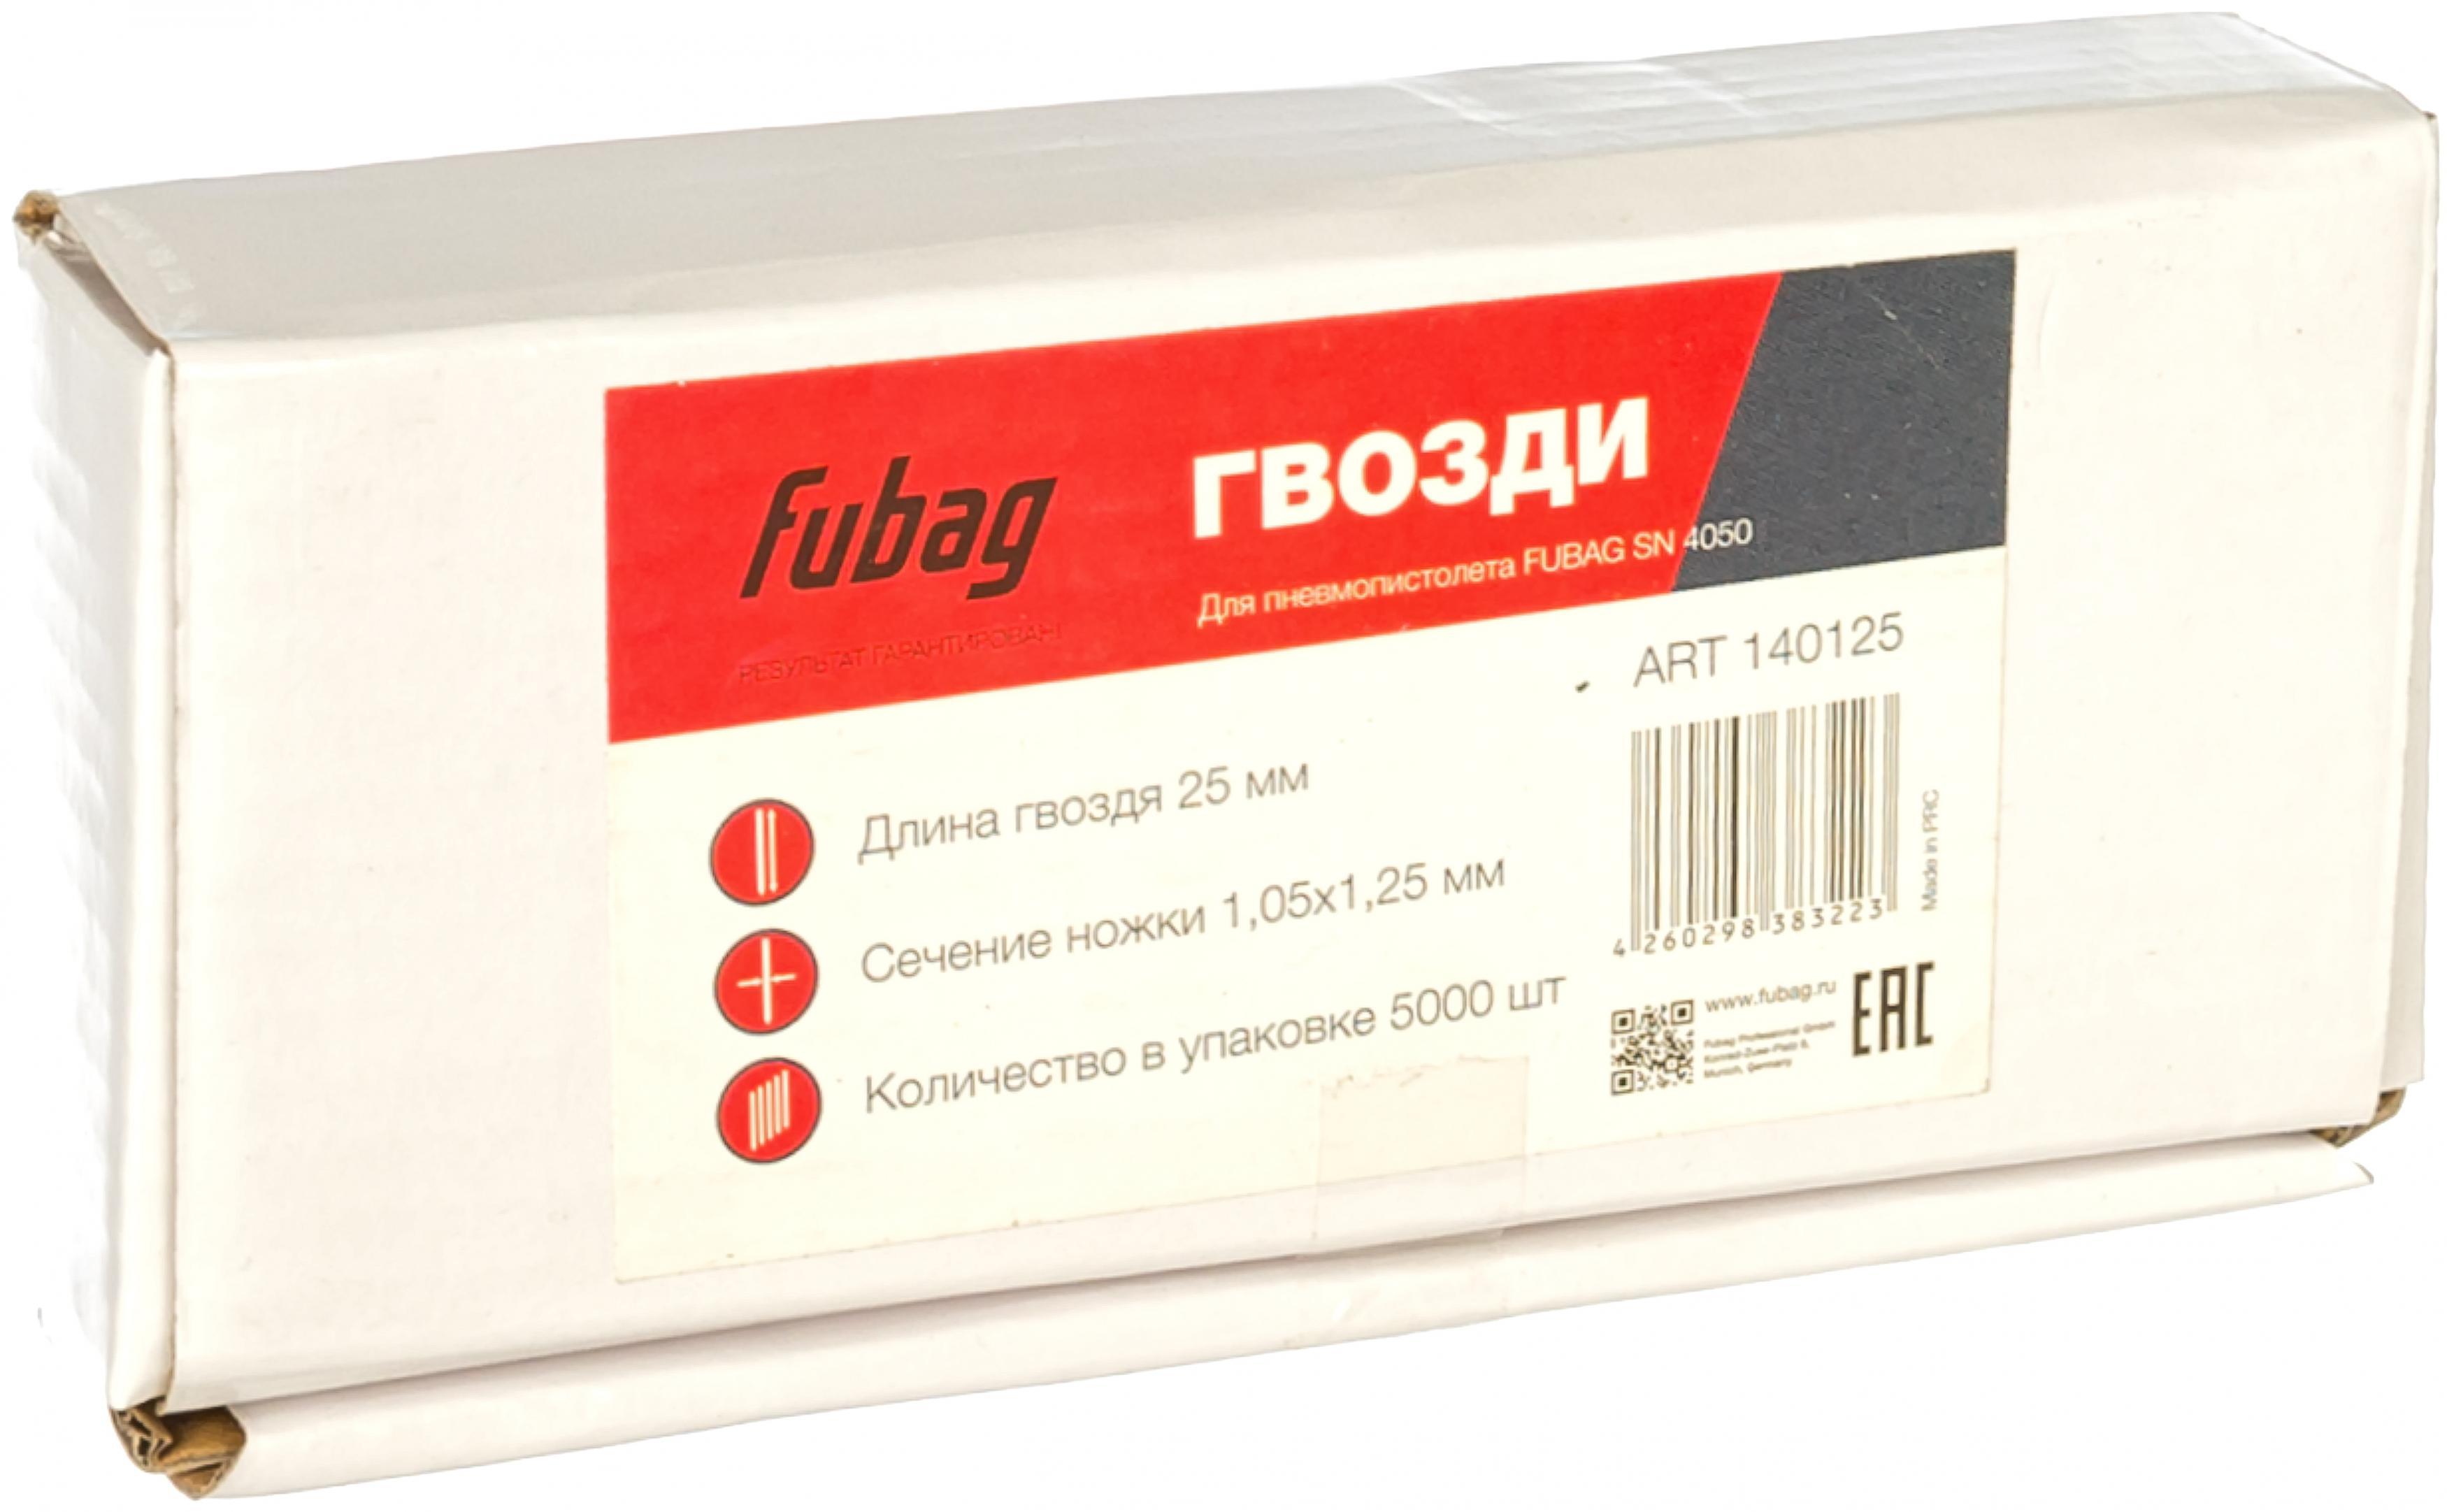 Гвозди для степлера Fubag для sn4050 140125 гвоздь fubag 45мм 1 05х1 25 5000шт 140104